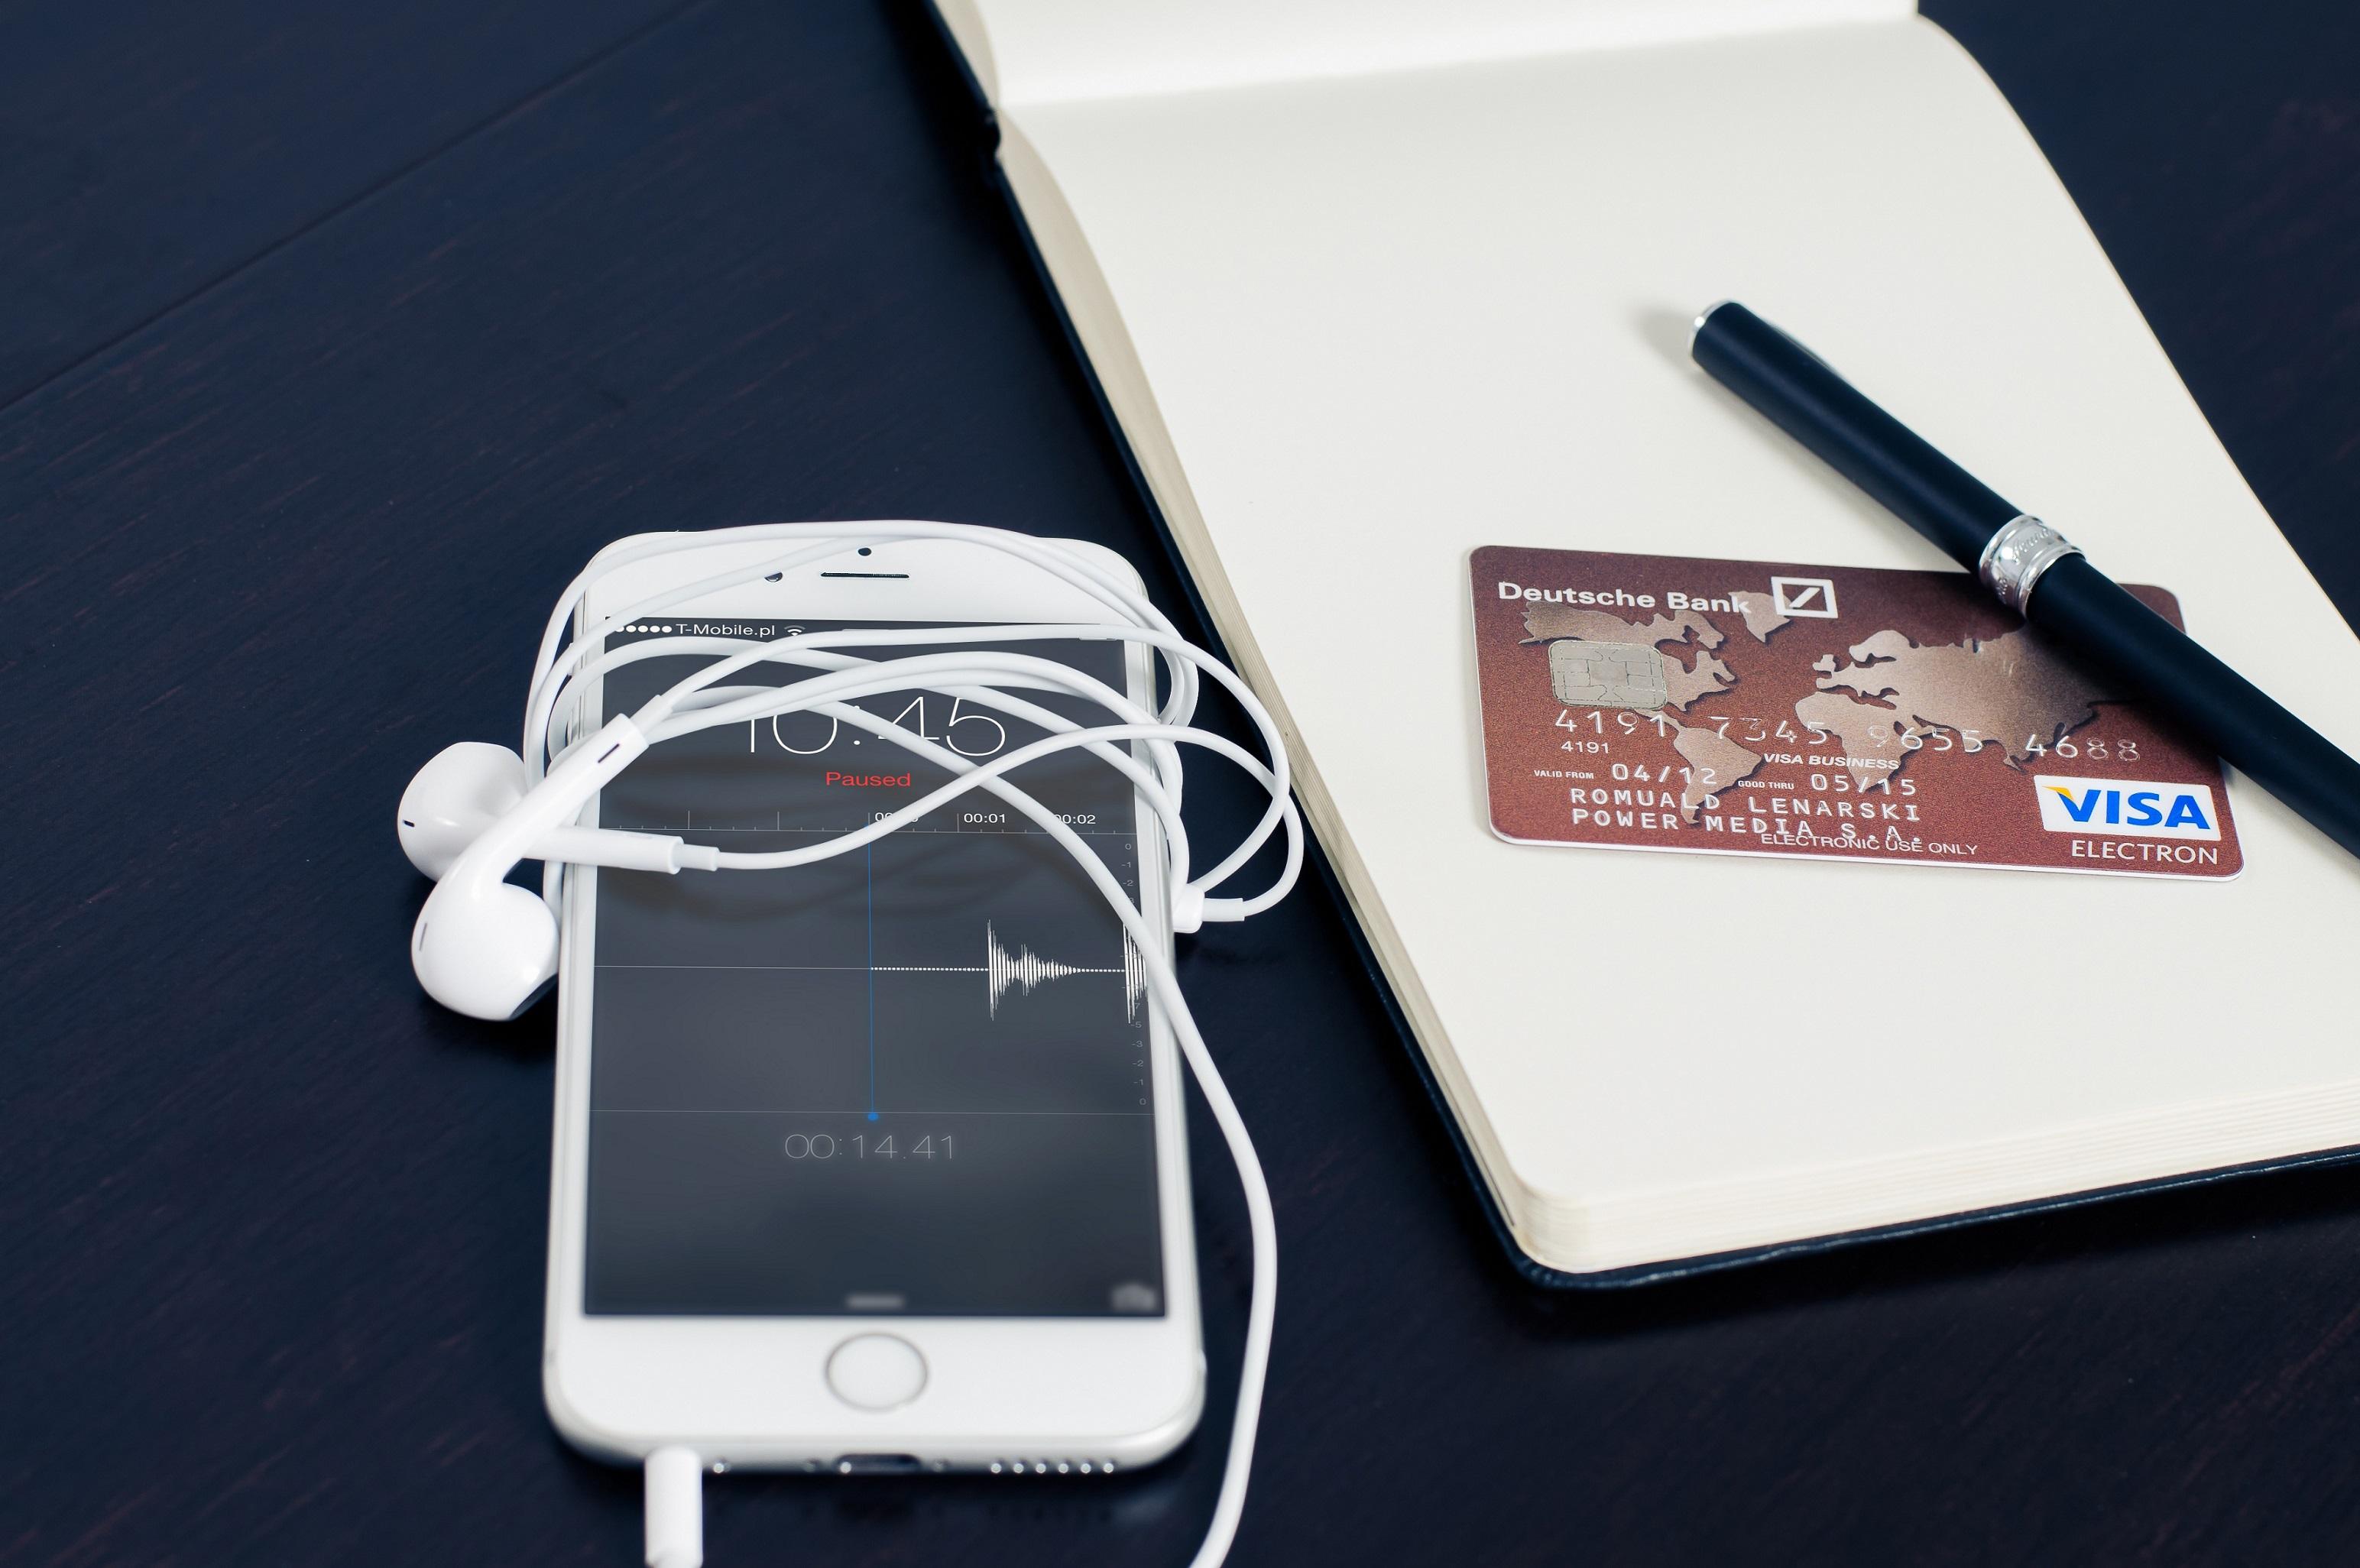 code de confirmation sur mobile paiement 3D Secure sur epieces.fr